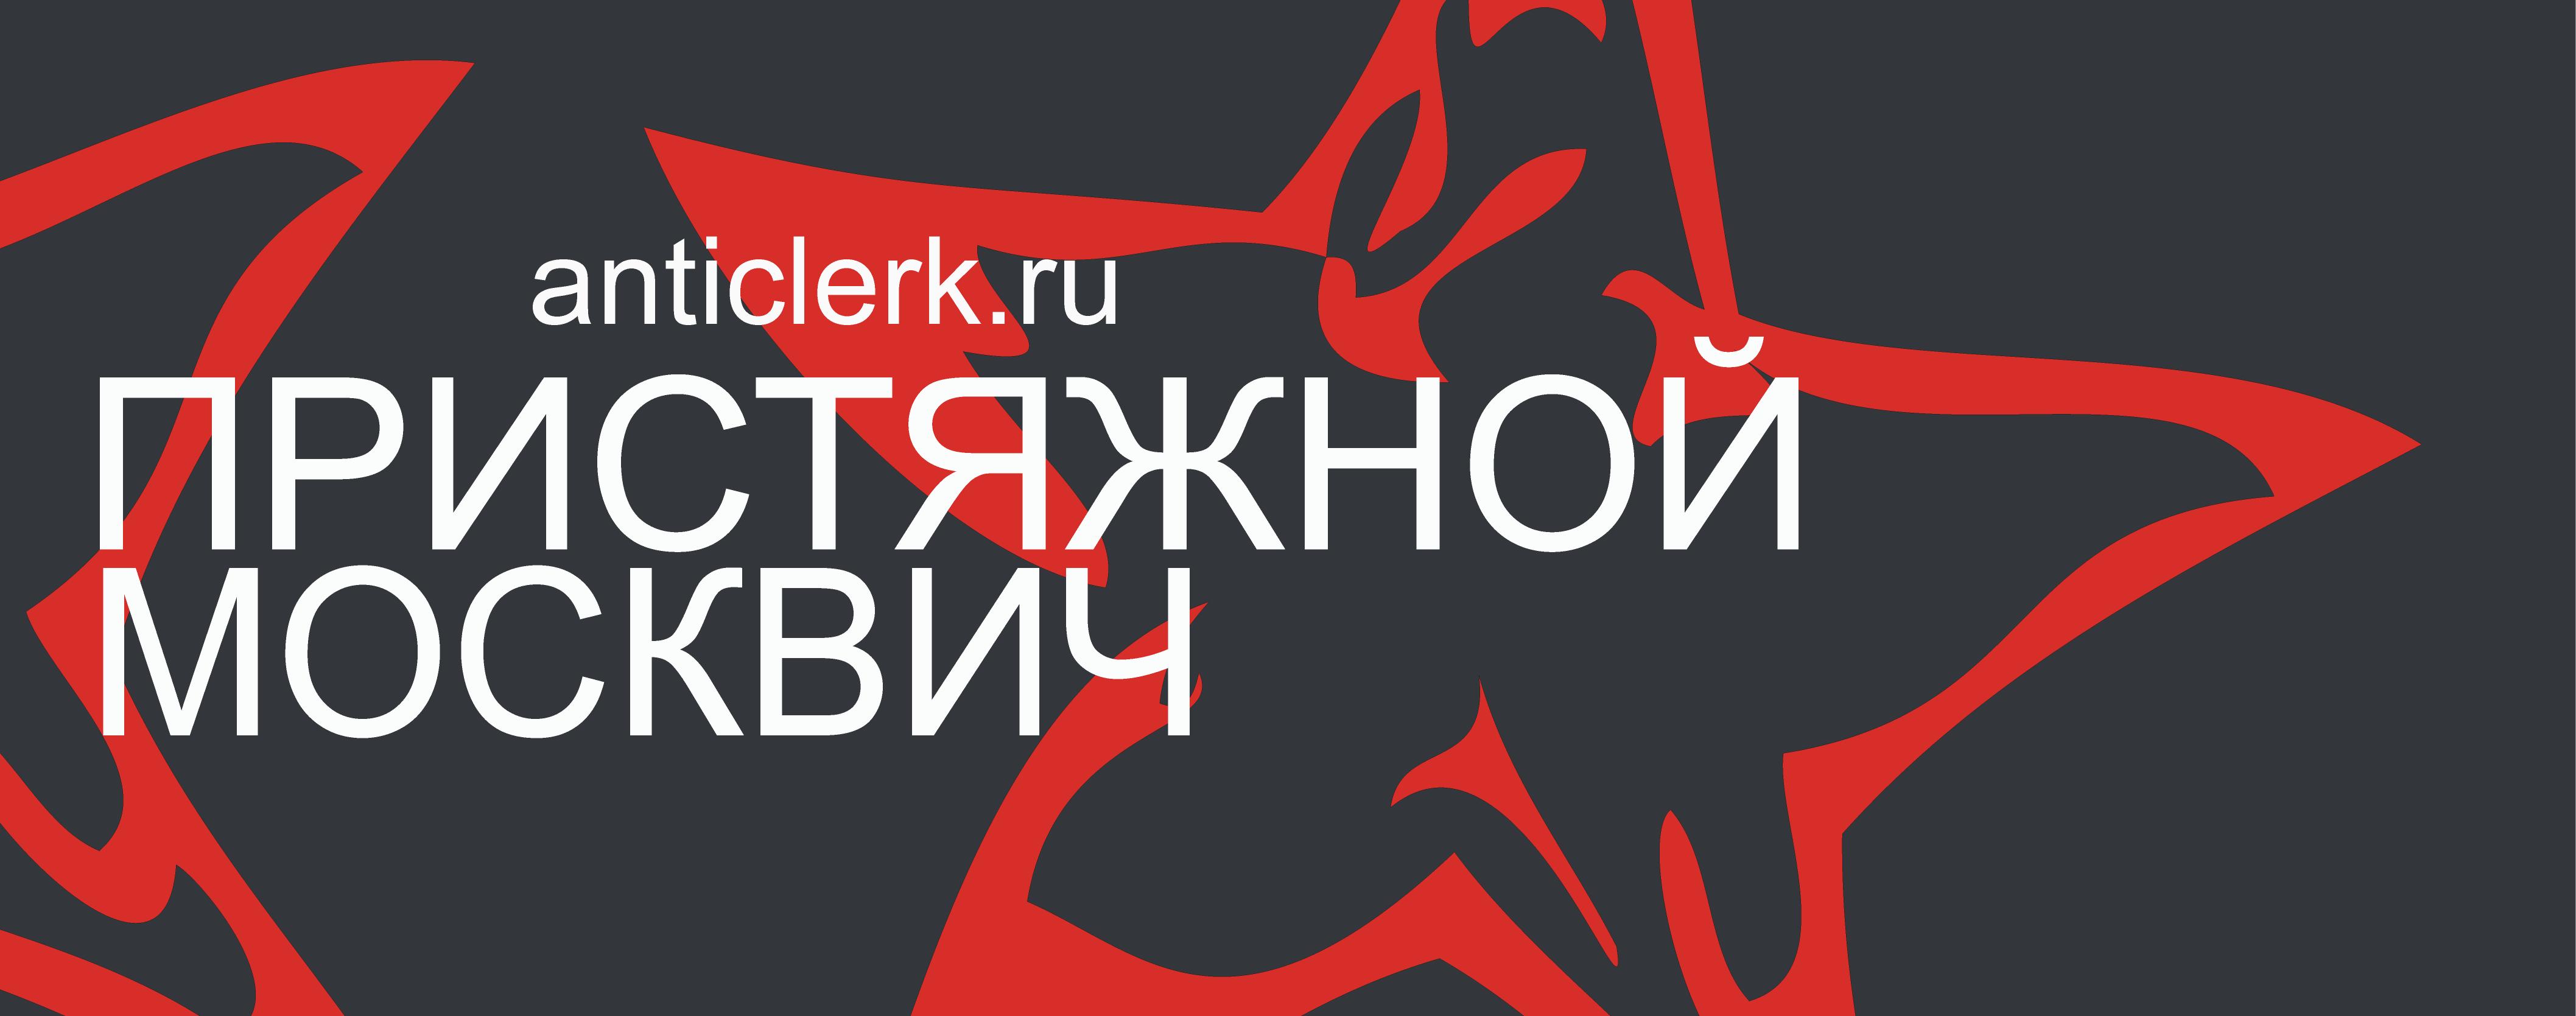 Пушкин — Евтюшкин…